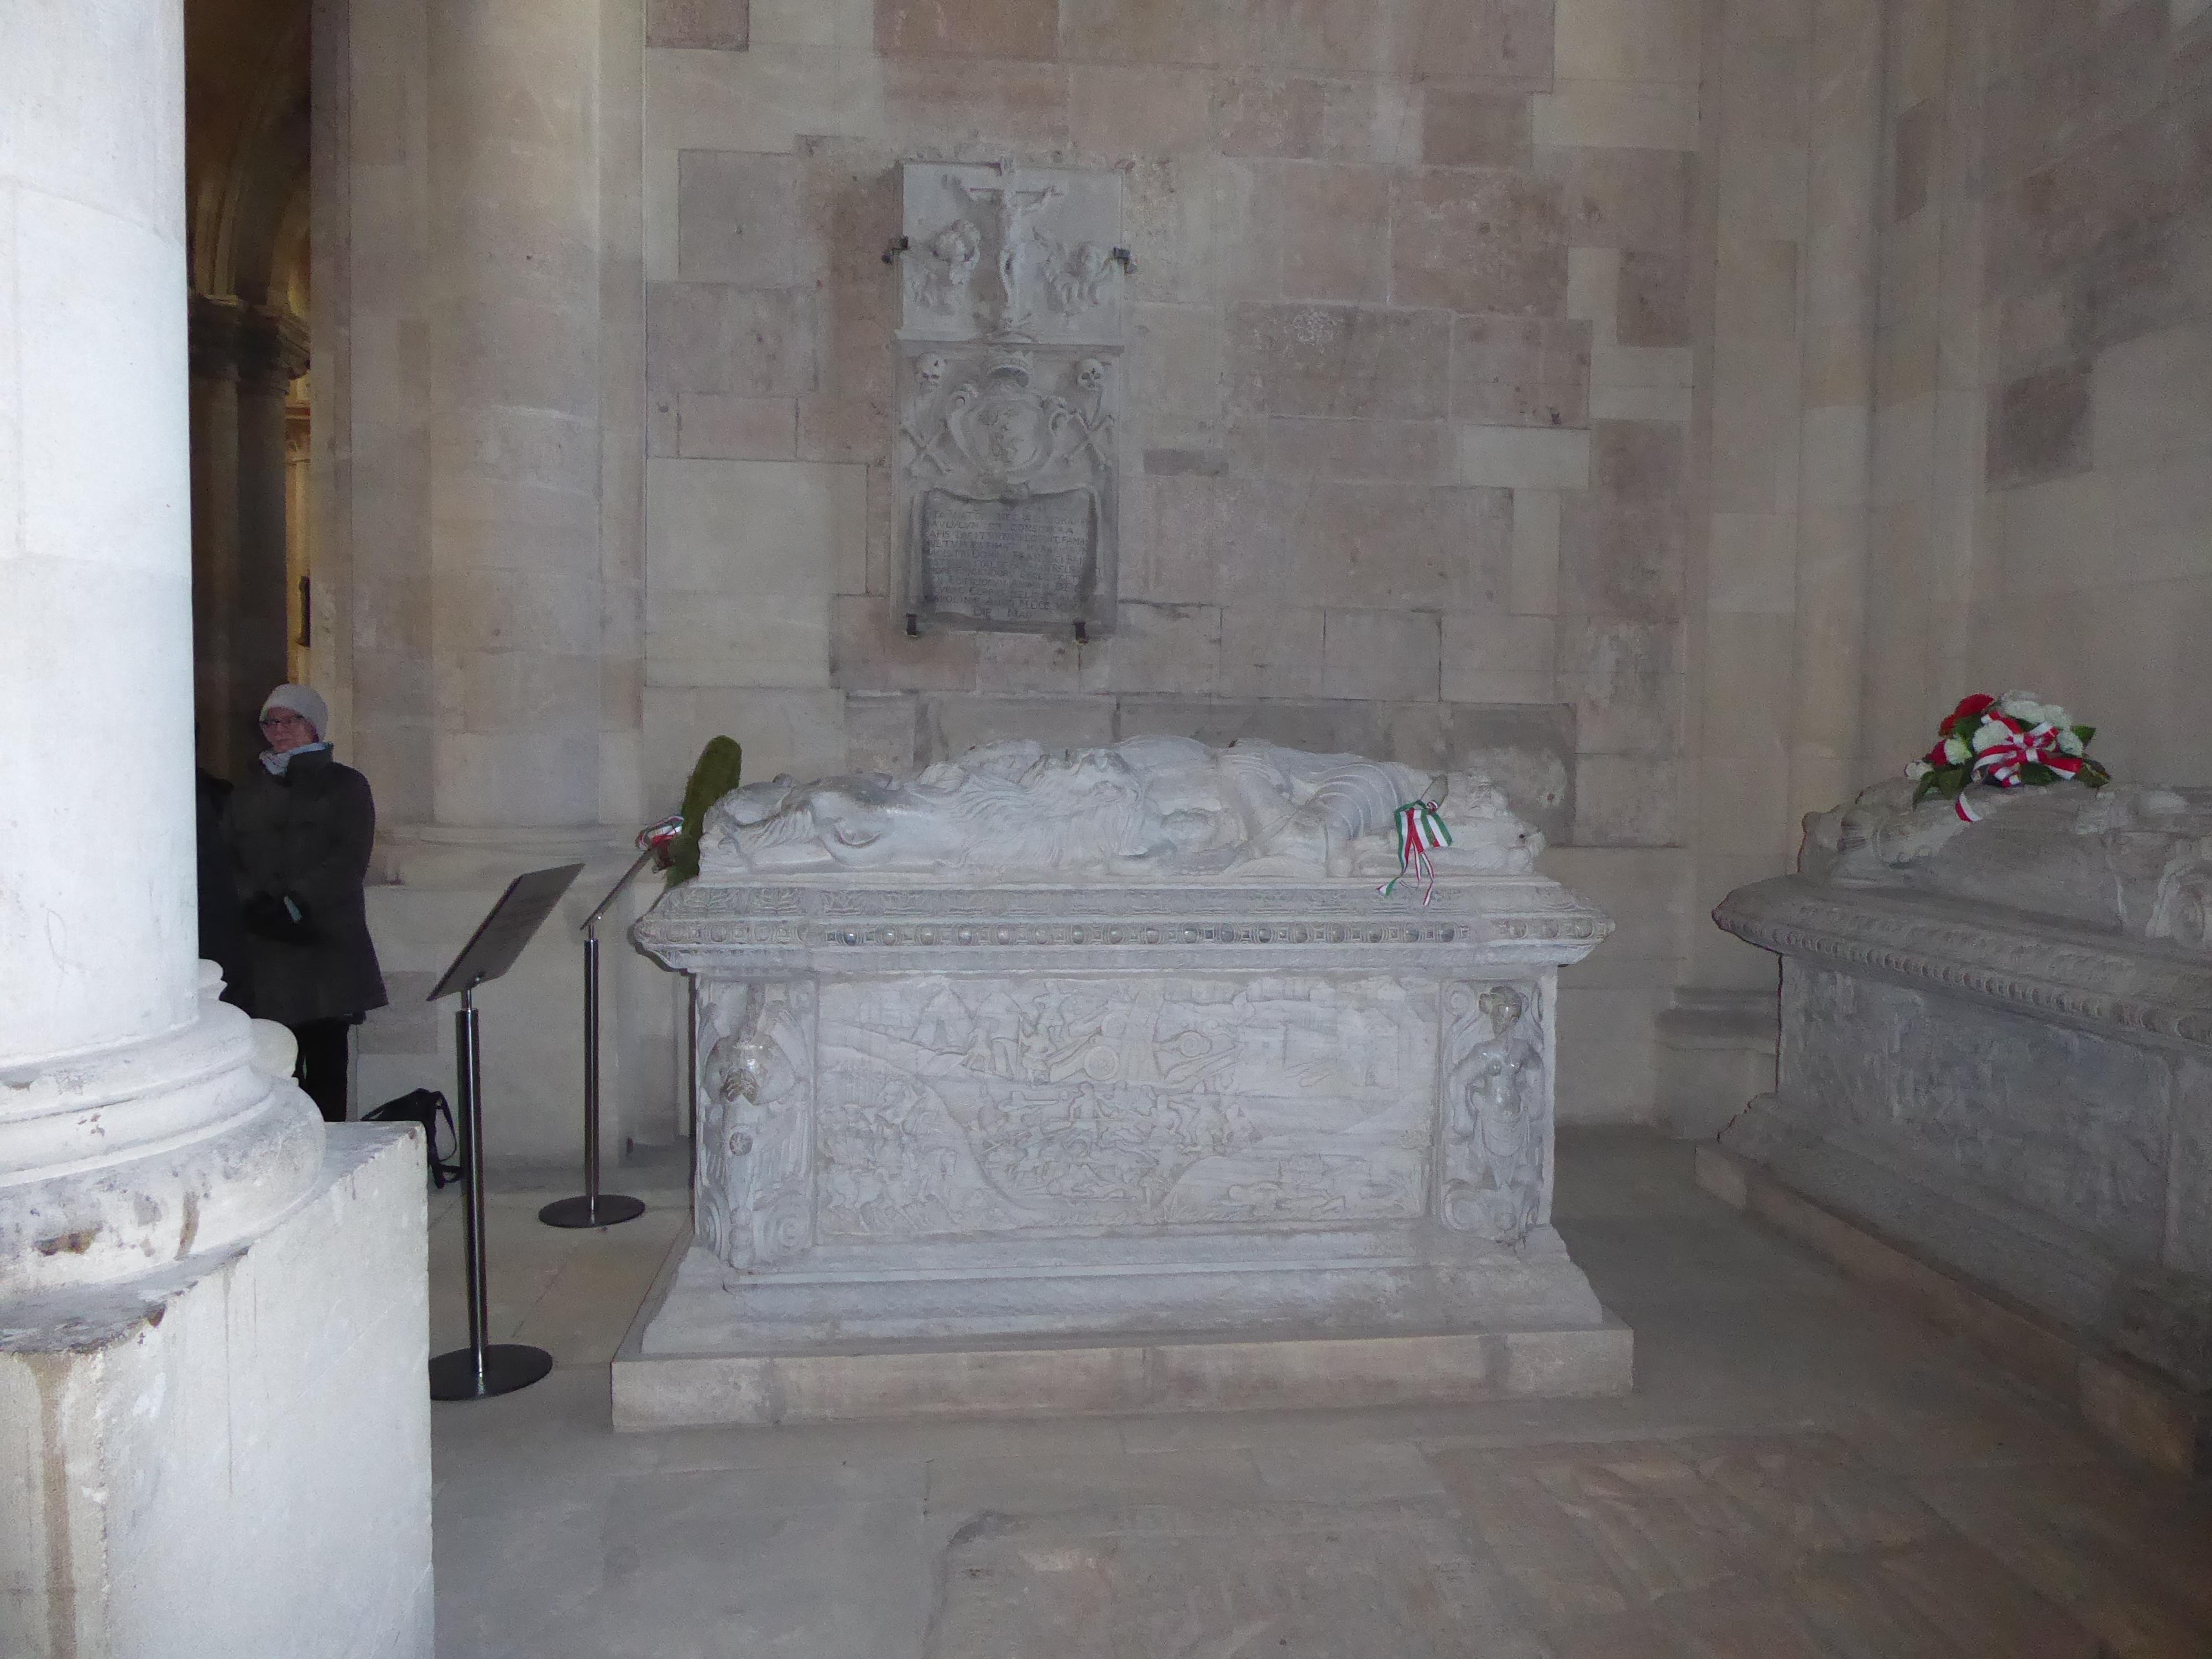 John Sigusmund tomb